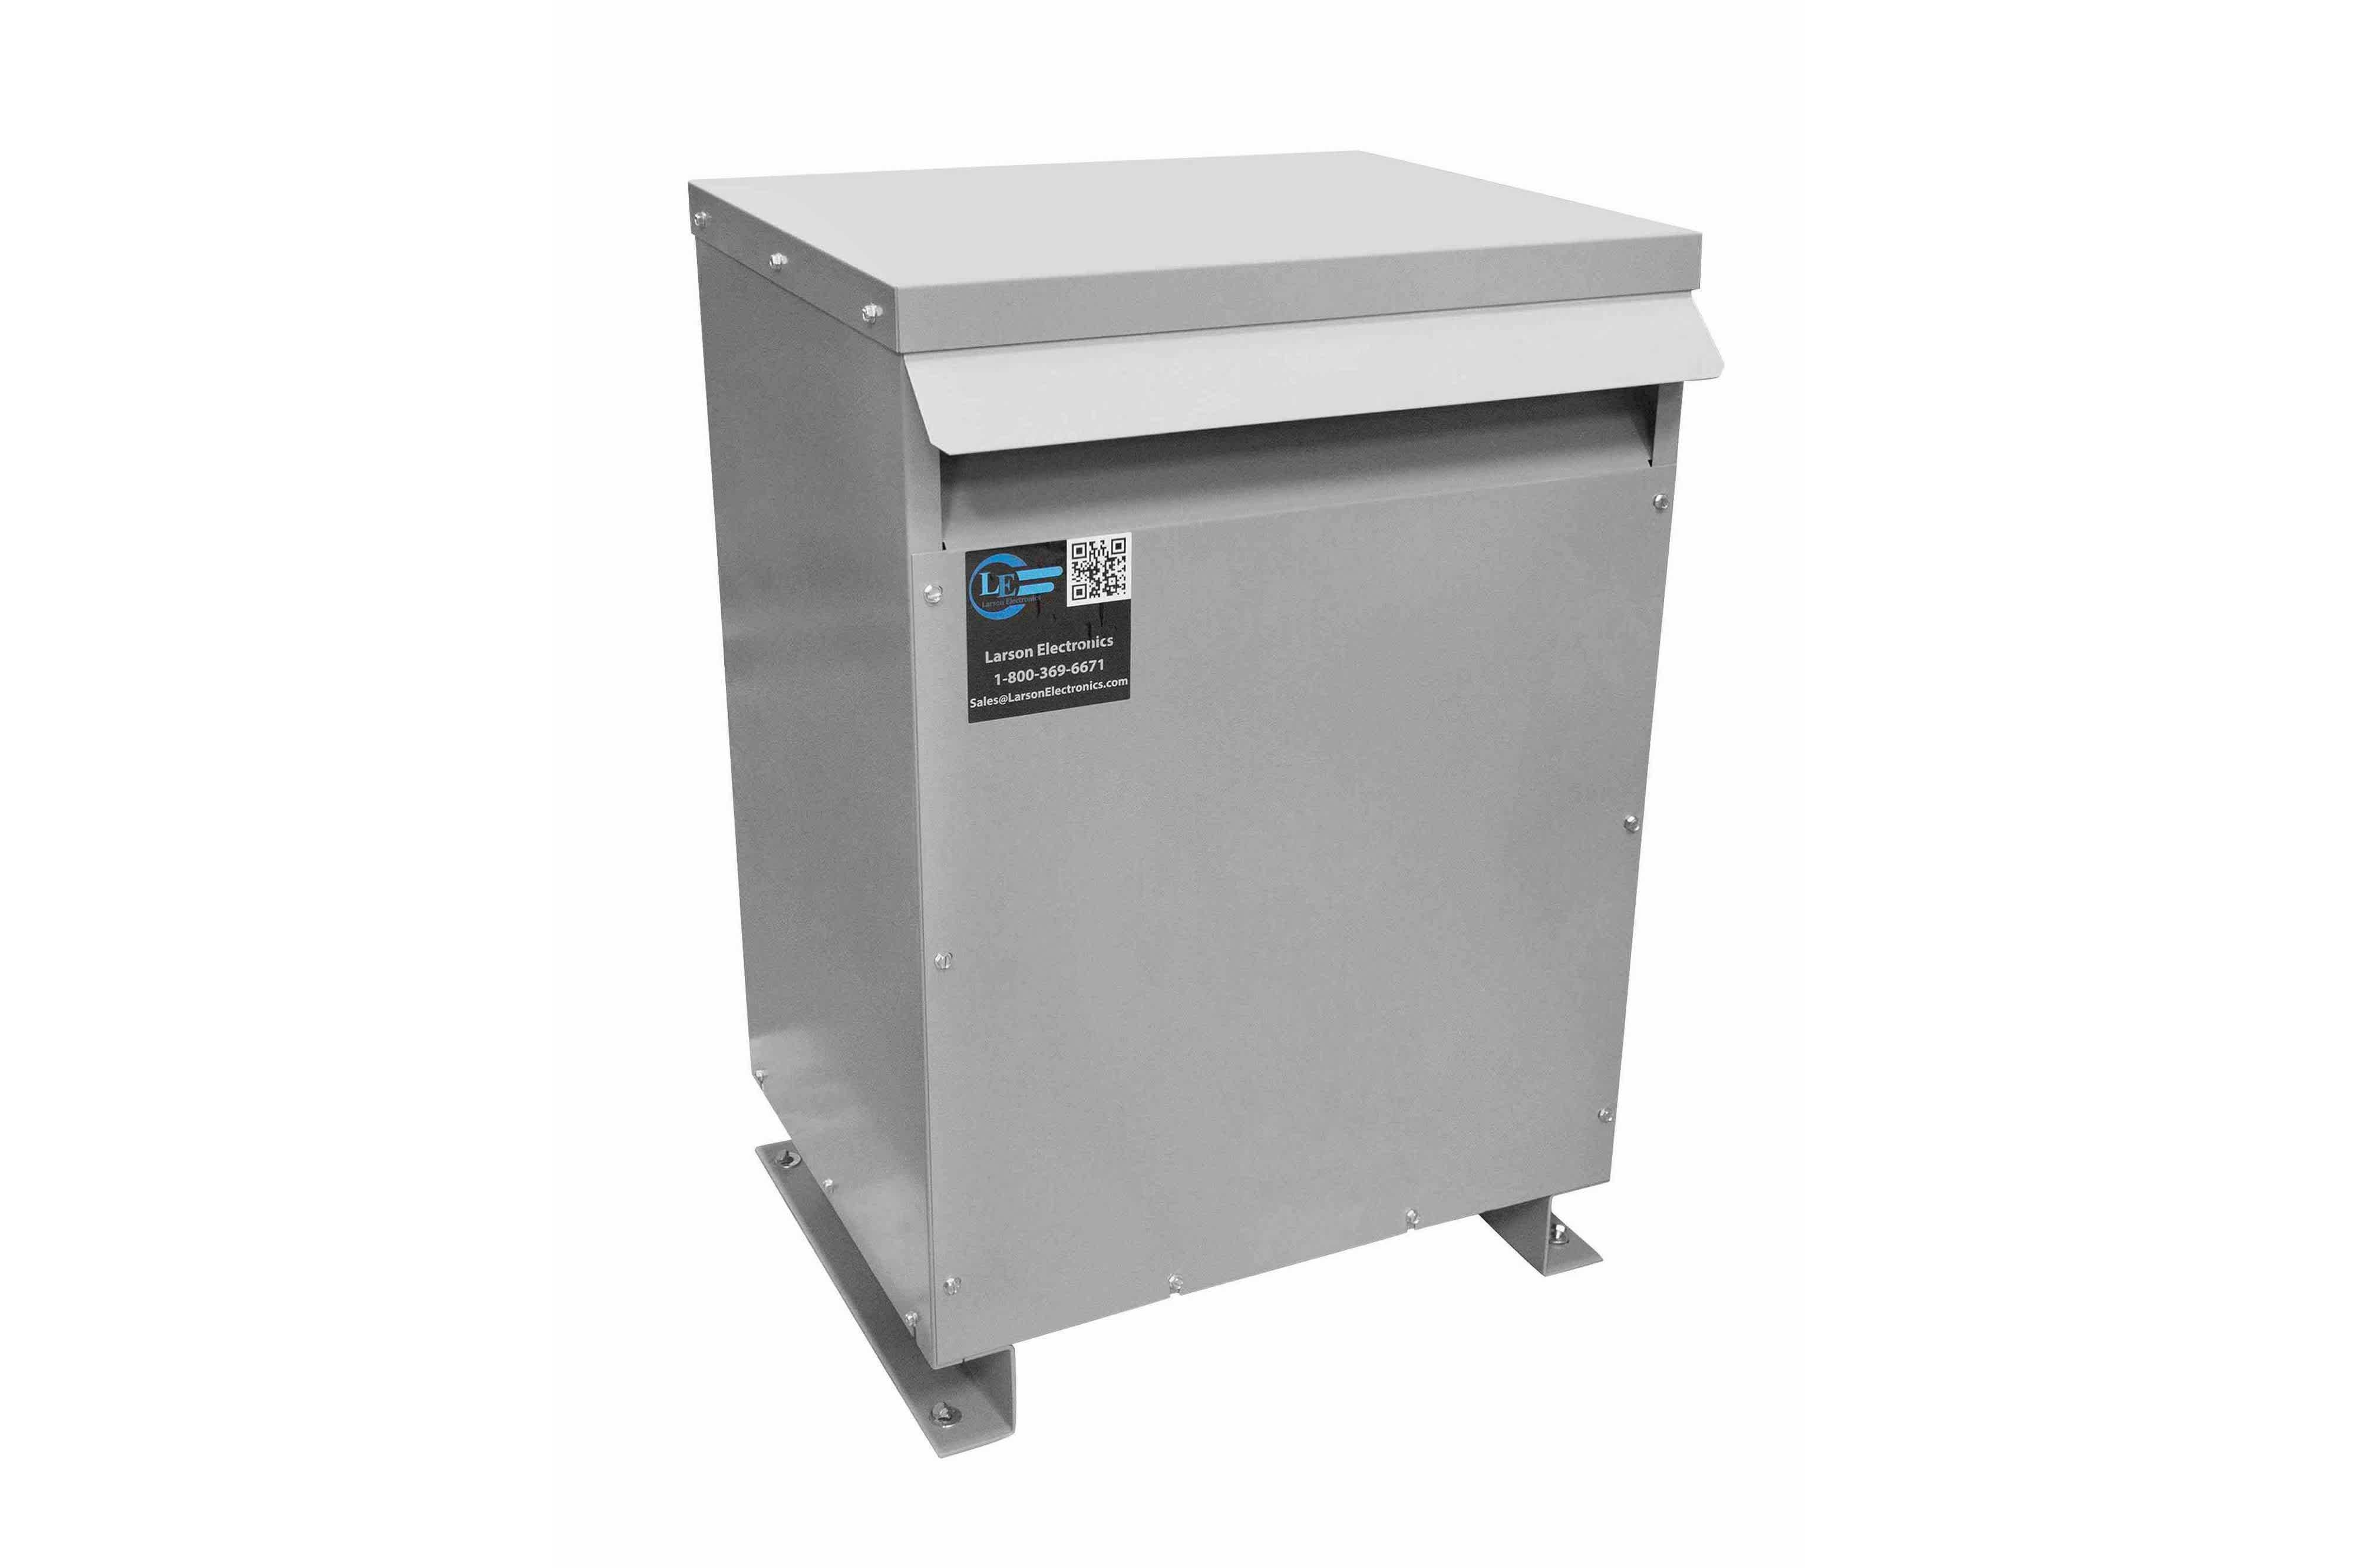 13 kVA 3PH Isolation Transformer, 240V Delta Primary, 415V Delta Secondary, N3R, Ventilated, 60 Hz